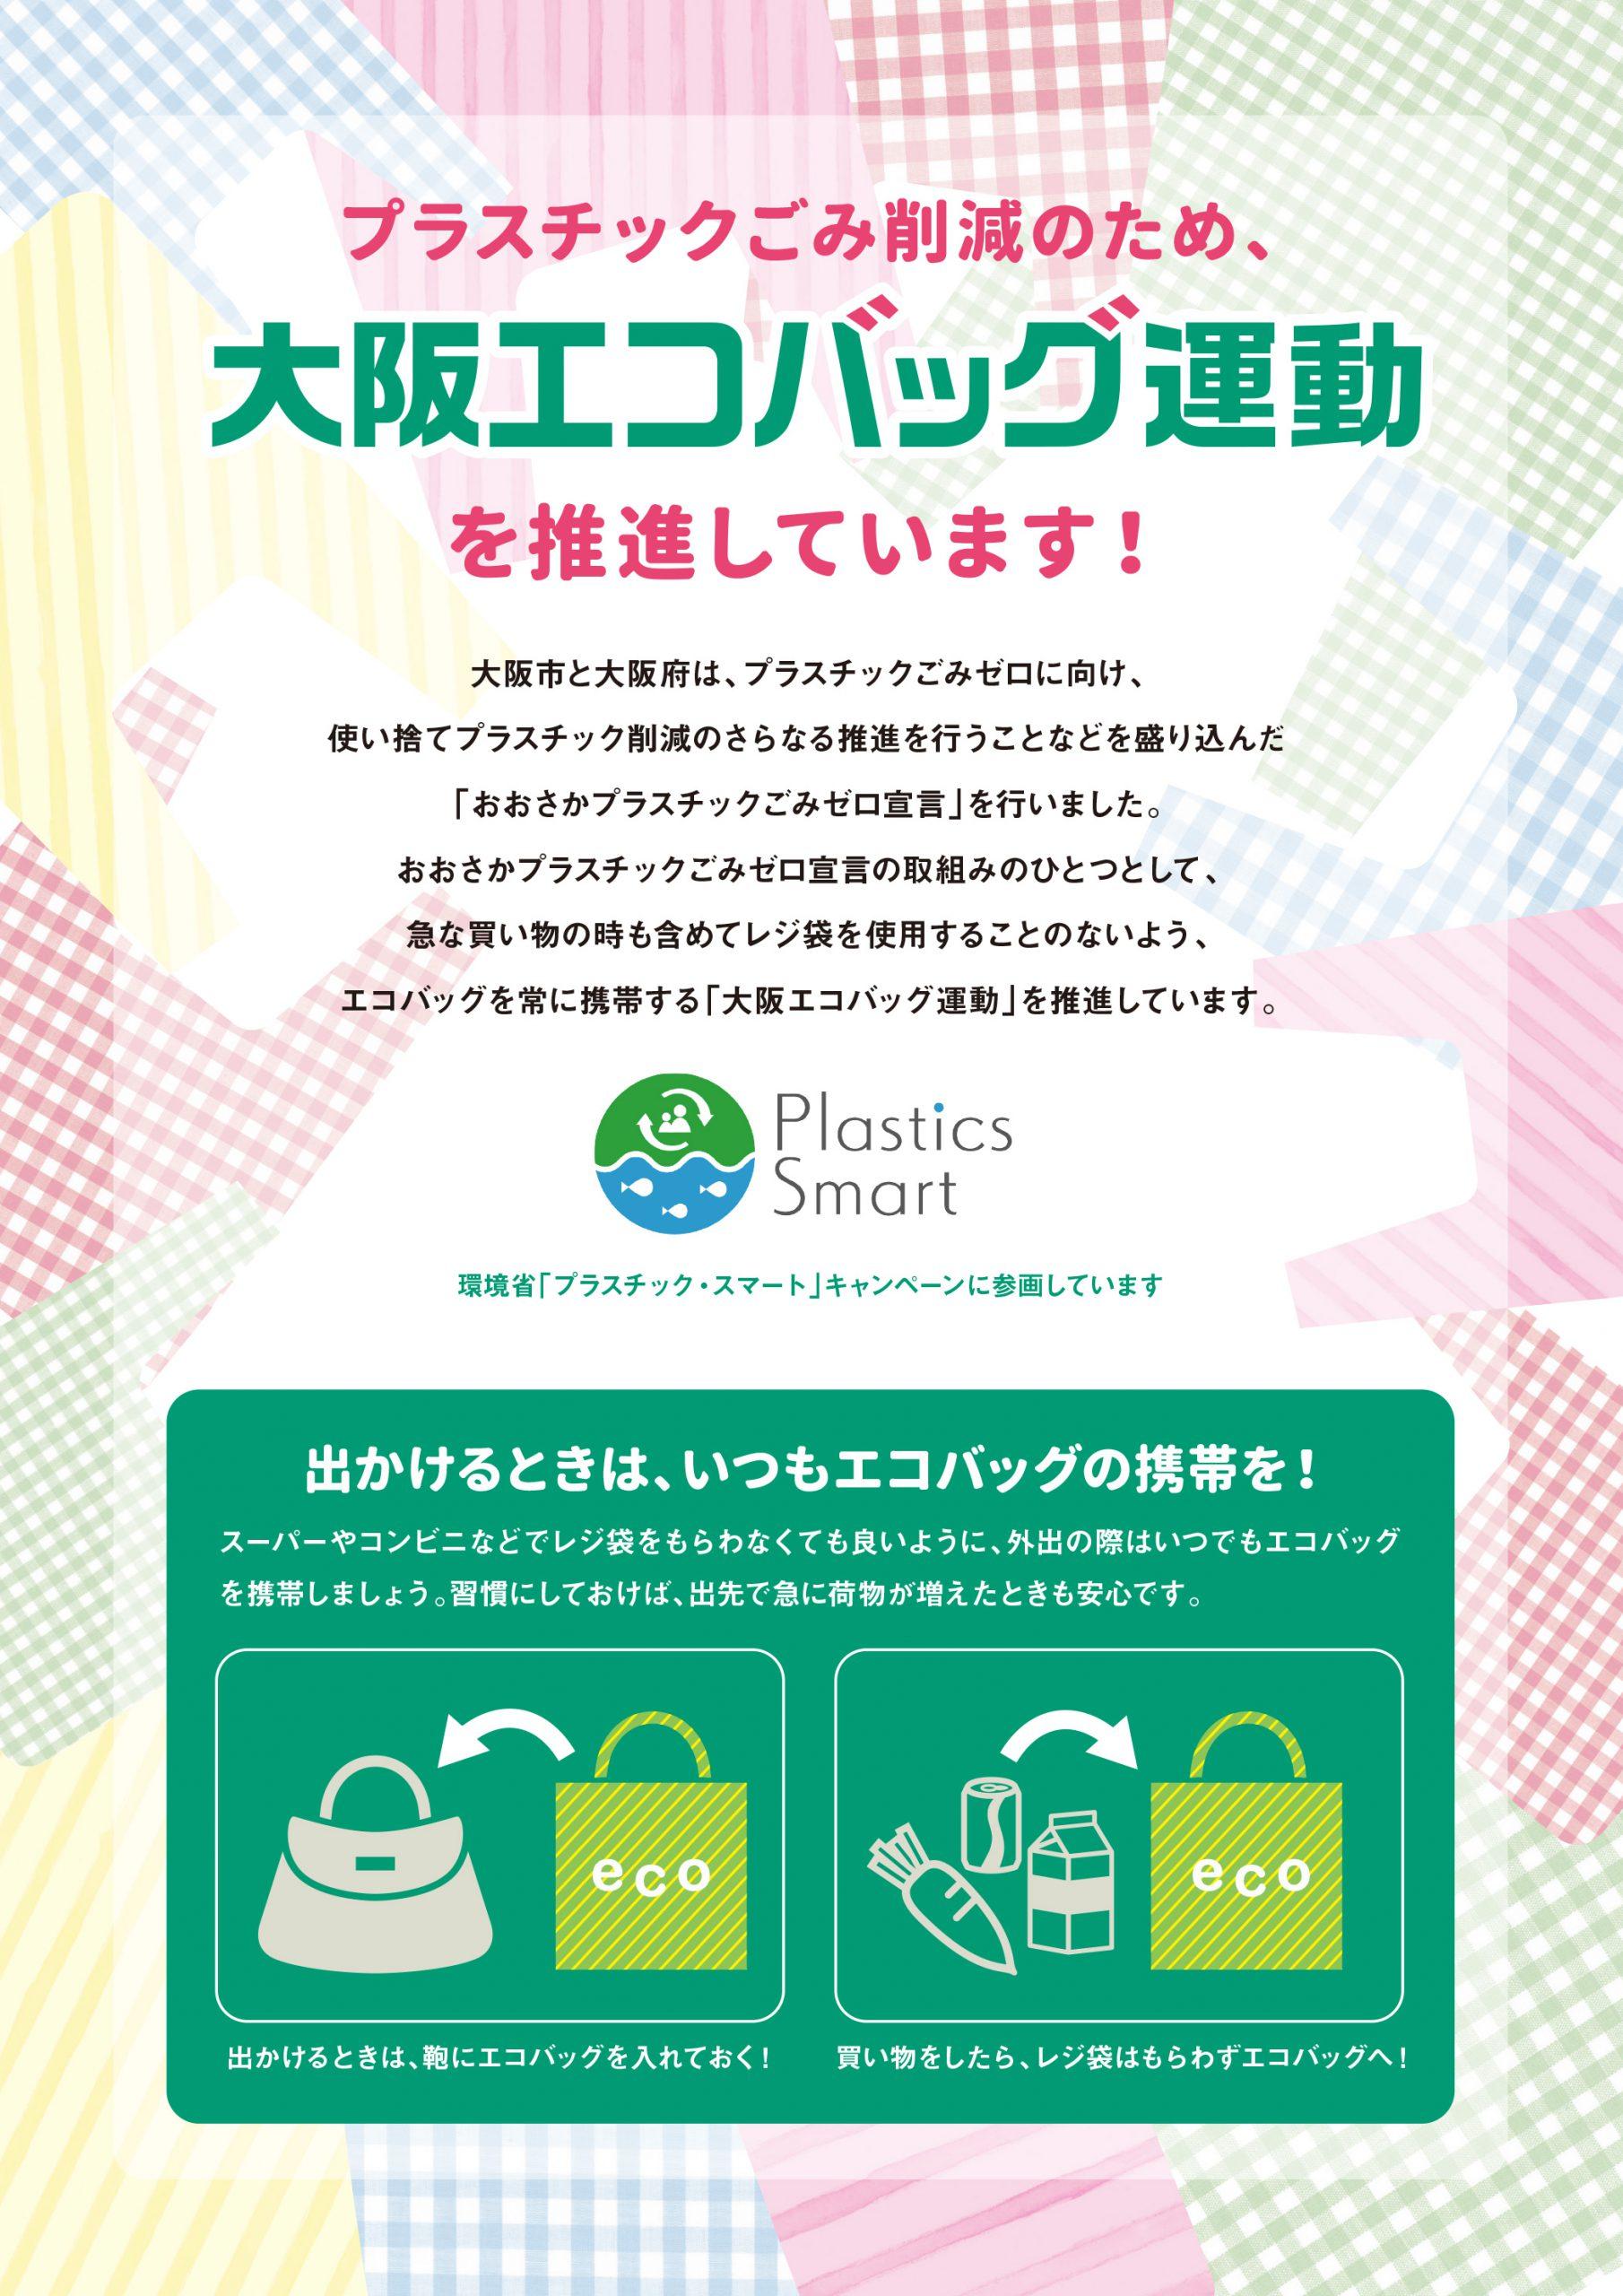 大阪エコバッグ運動|2020.6〜 (大阪市環境局)